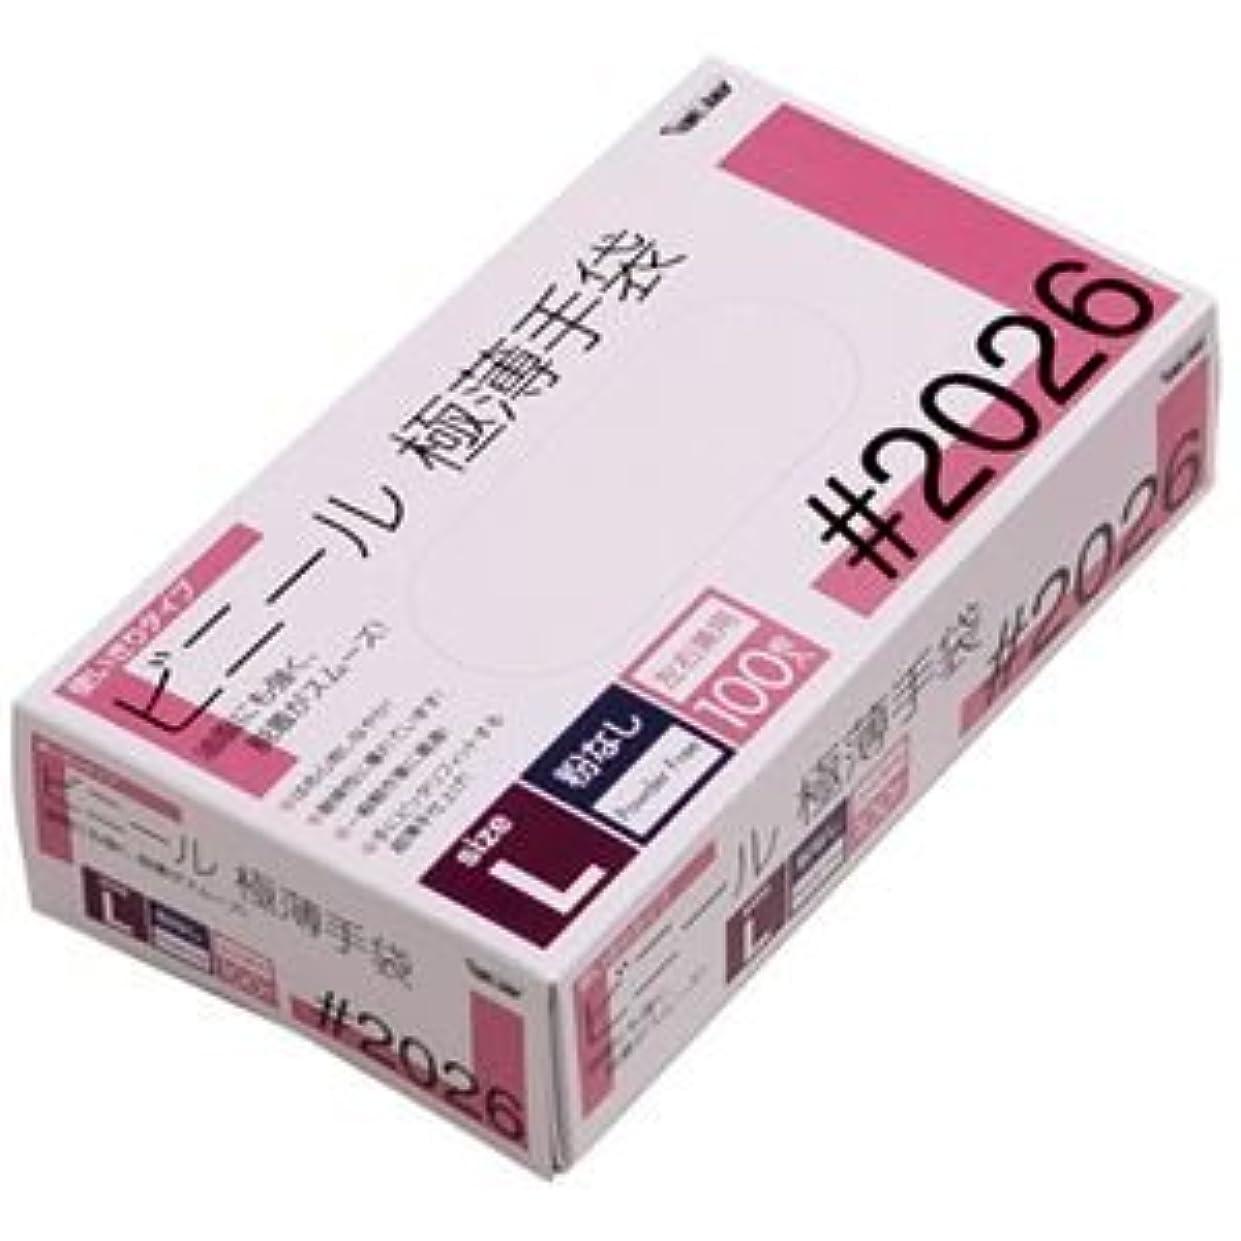 精緻化天使とまり木川西工業 ビニール極薄手袋 粉なし L 20箱